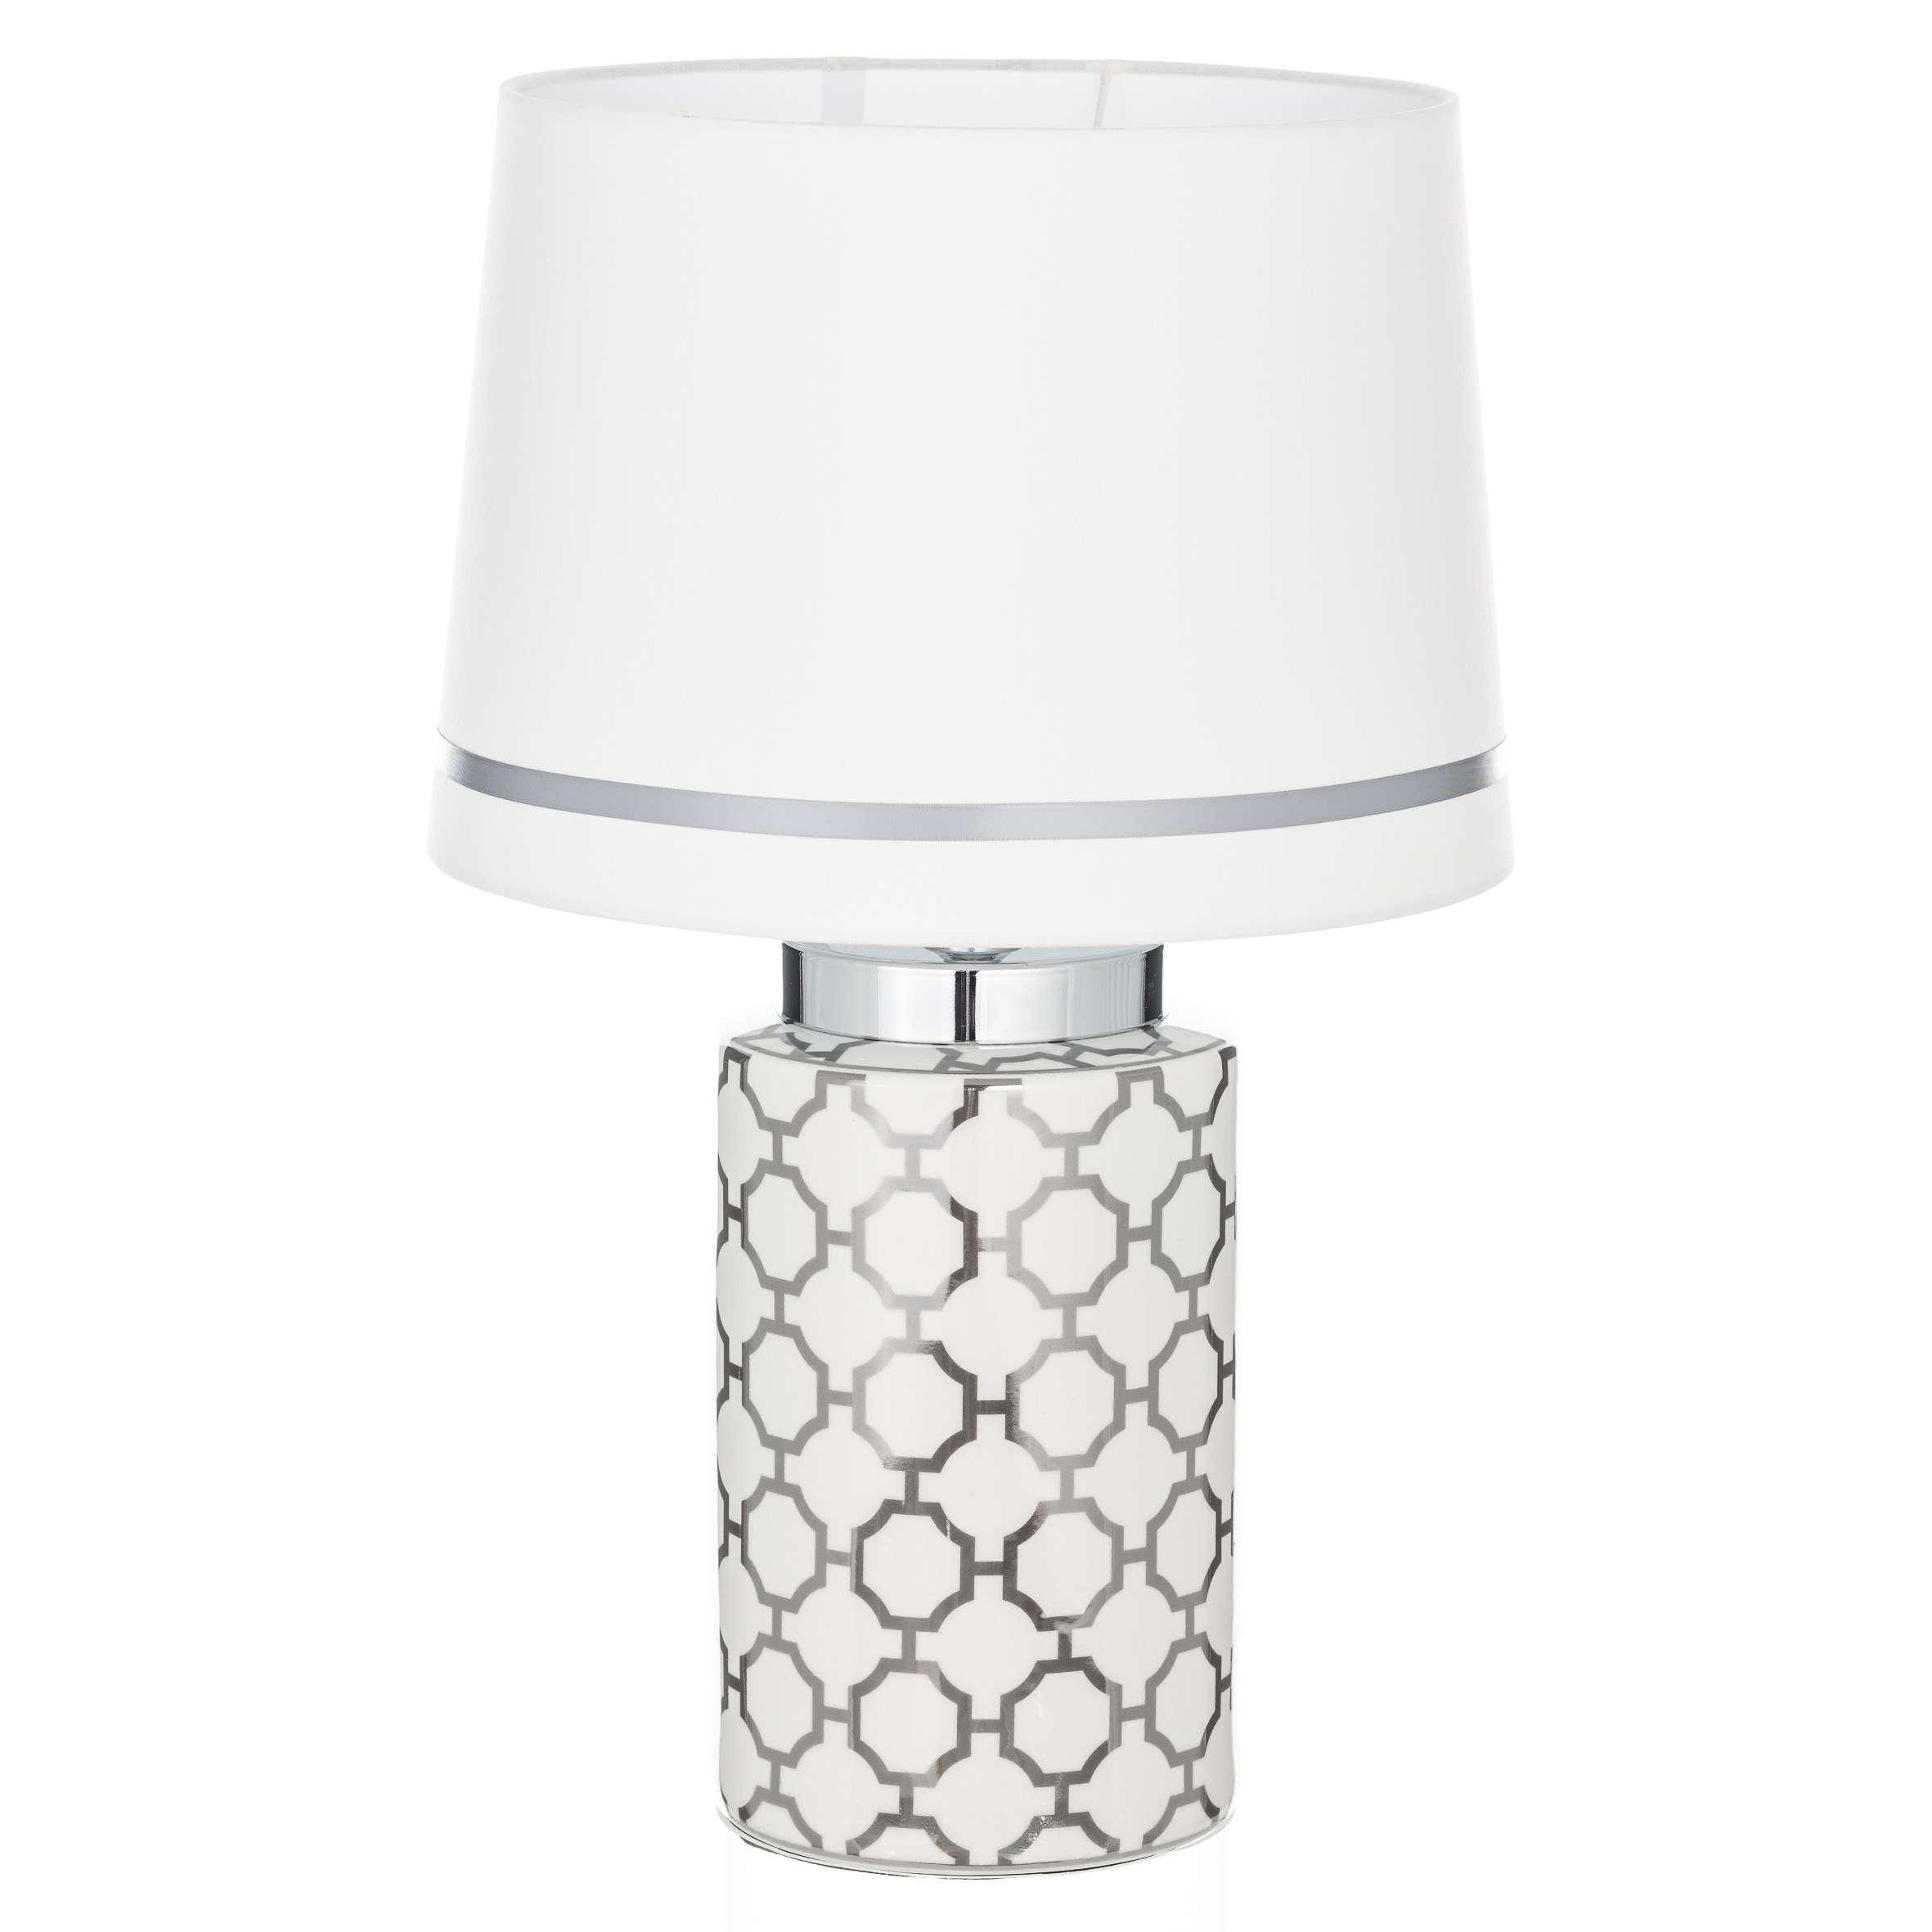 Lampa stołowa Akina ceramiczna 66cm  66cm